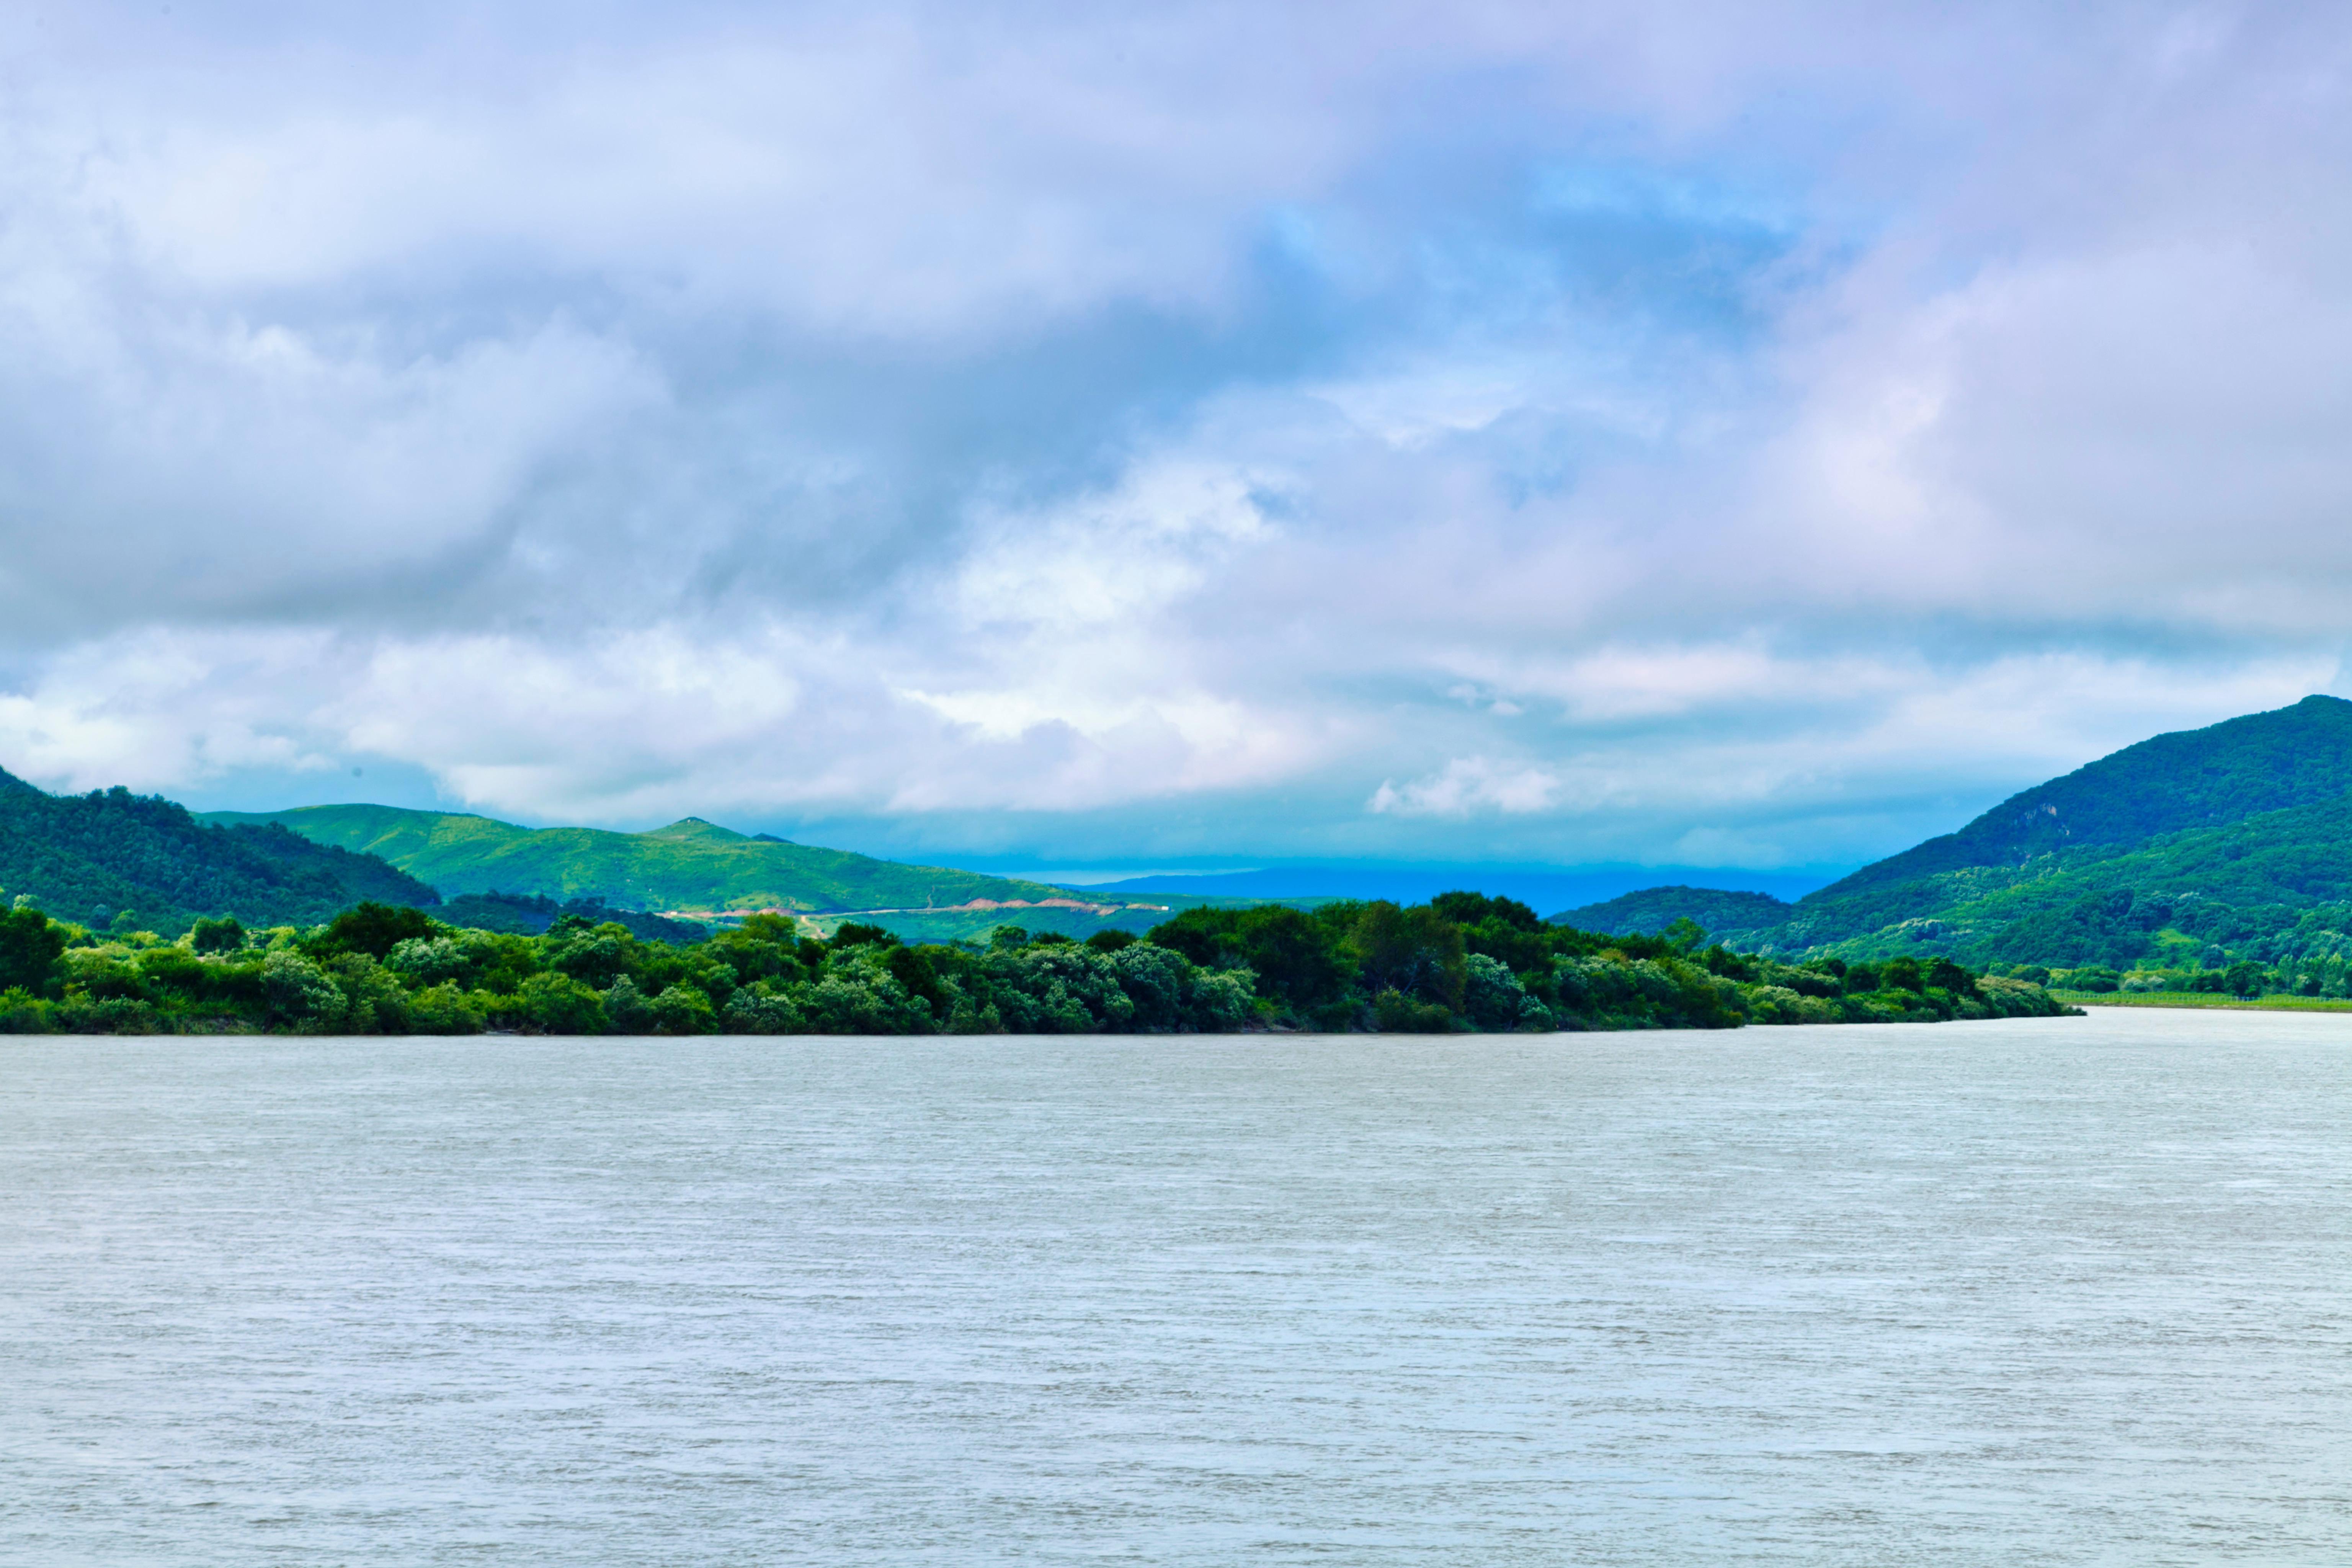 Tumen flumen National Park